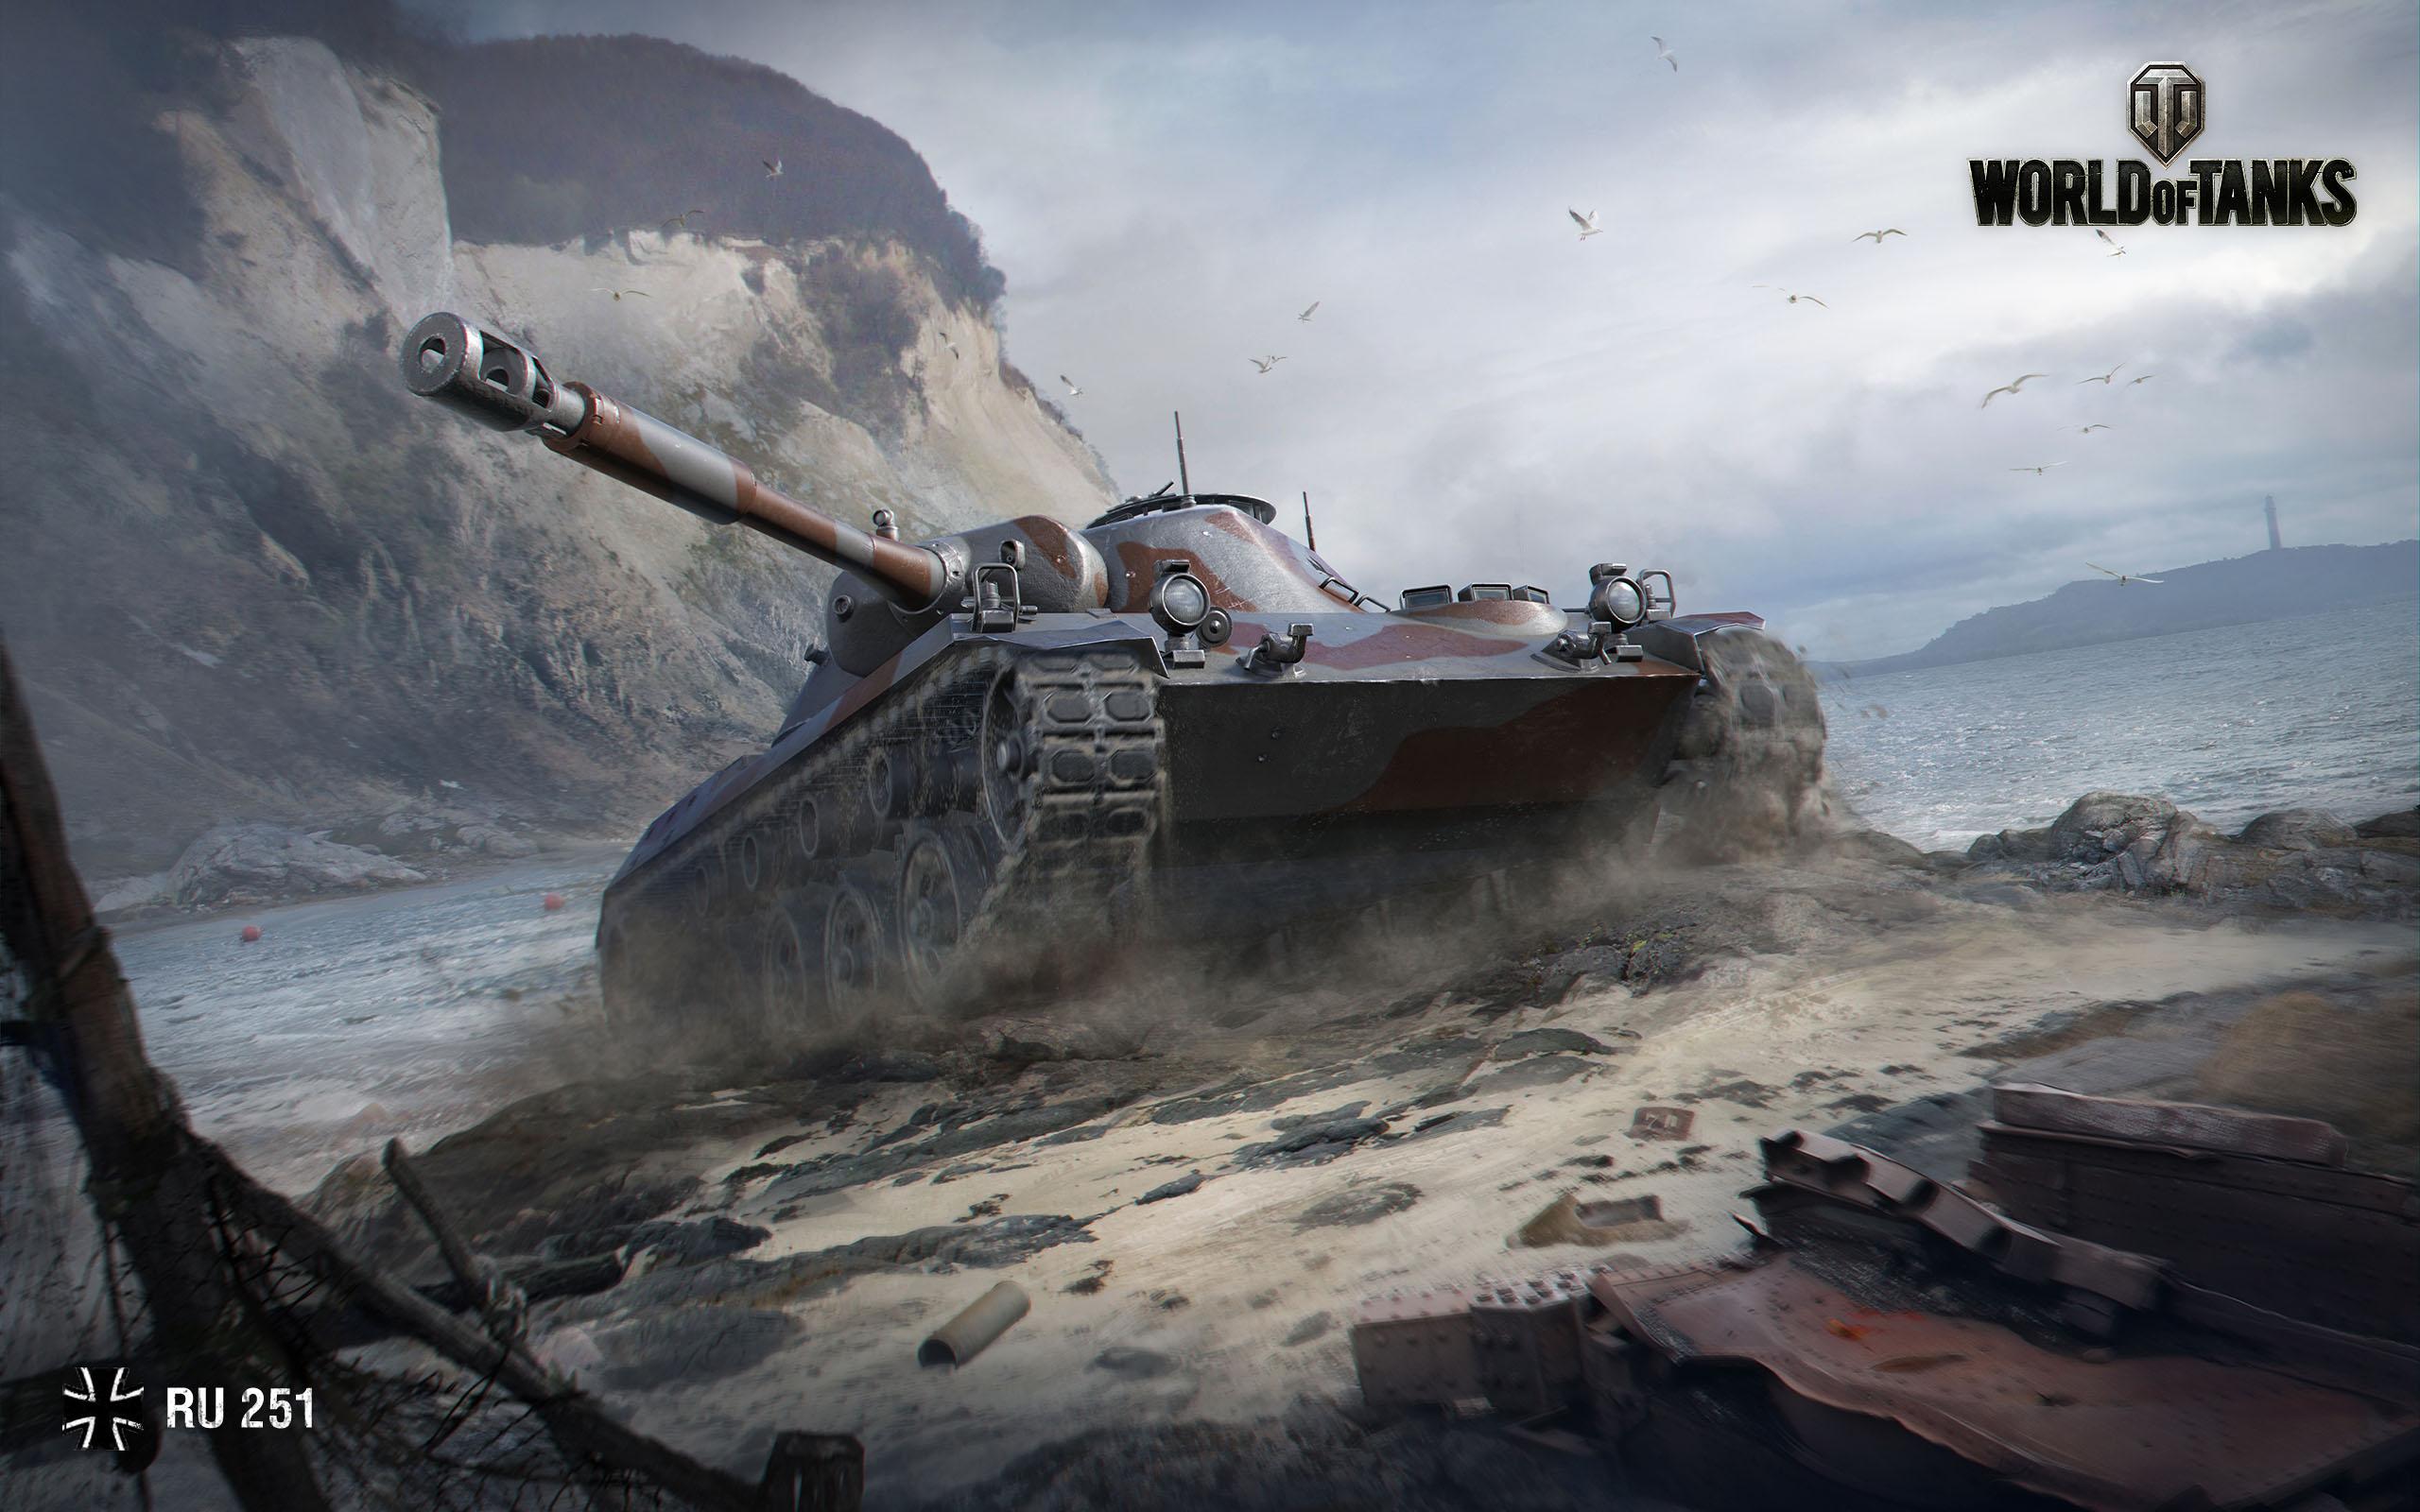 Ру 251 Мир танков. обои скачать